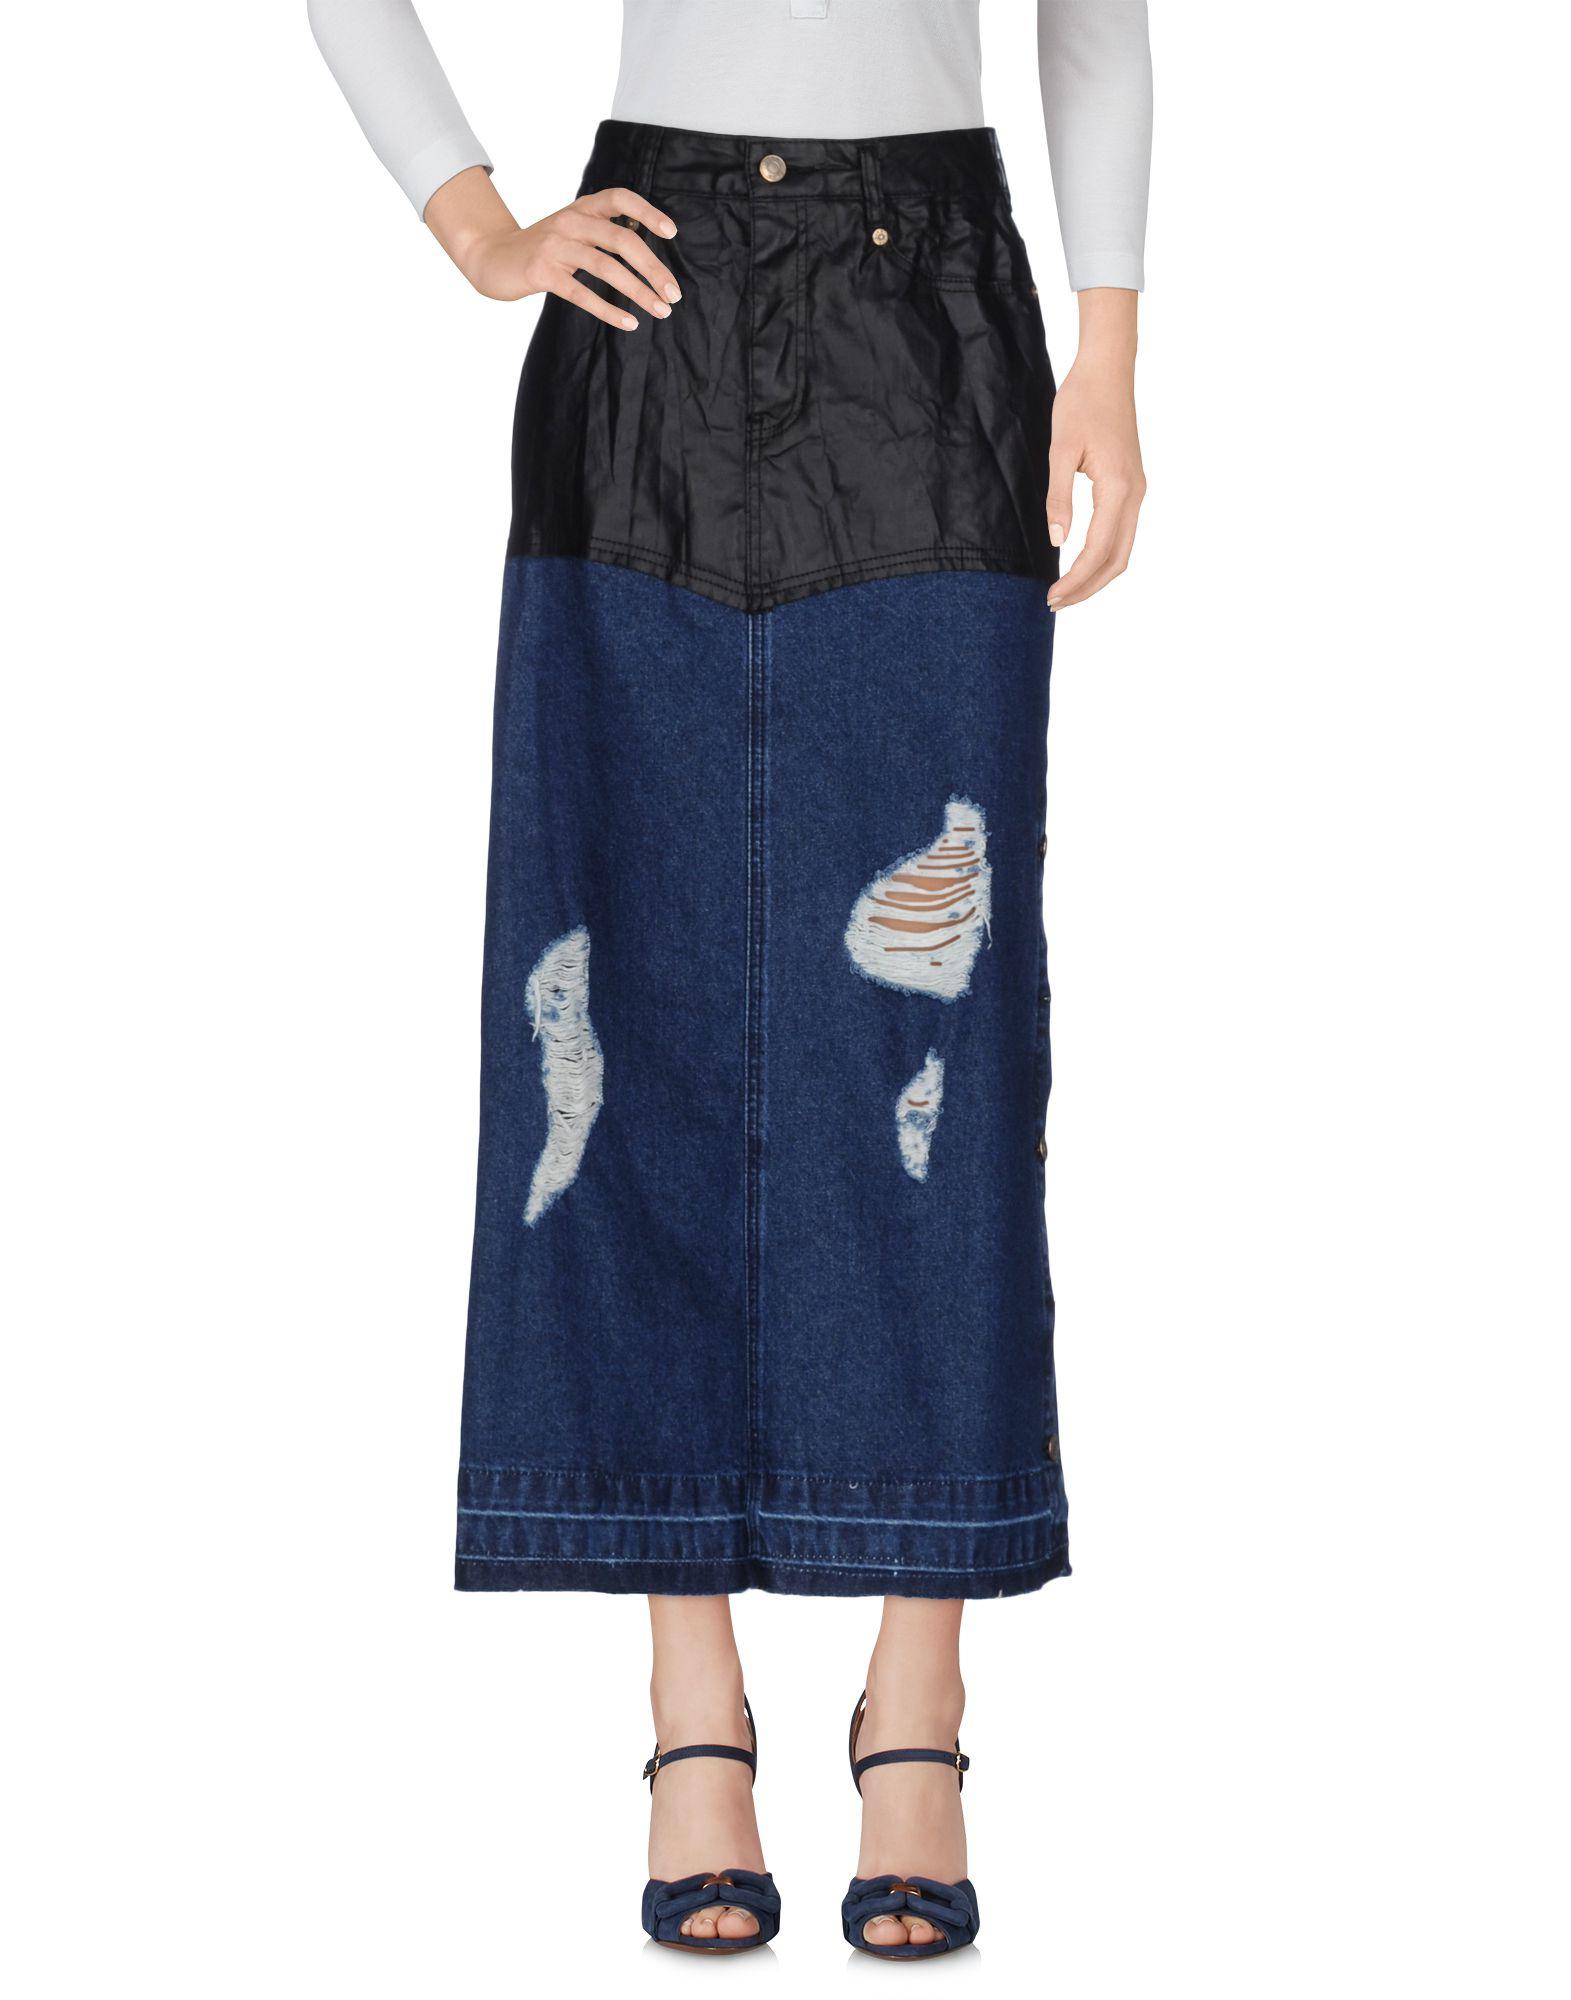 SJYP Damen Jeansrock Farbe Blau Größe 3 jetztbilligerkaufen